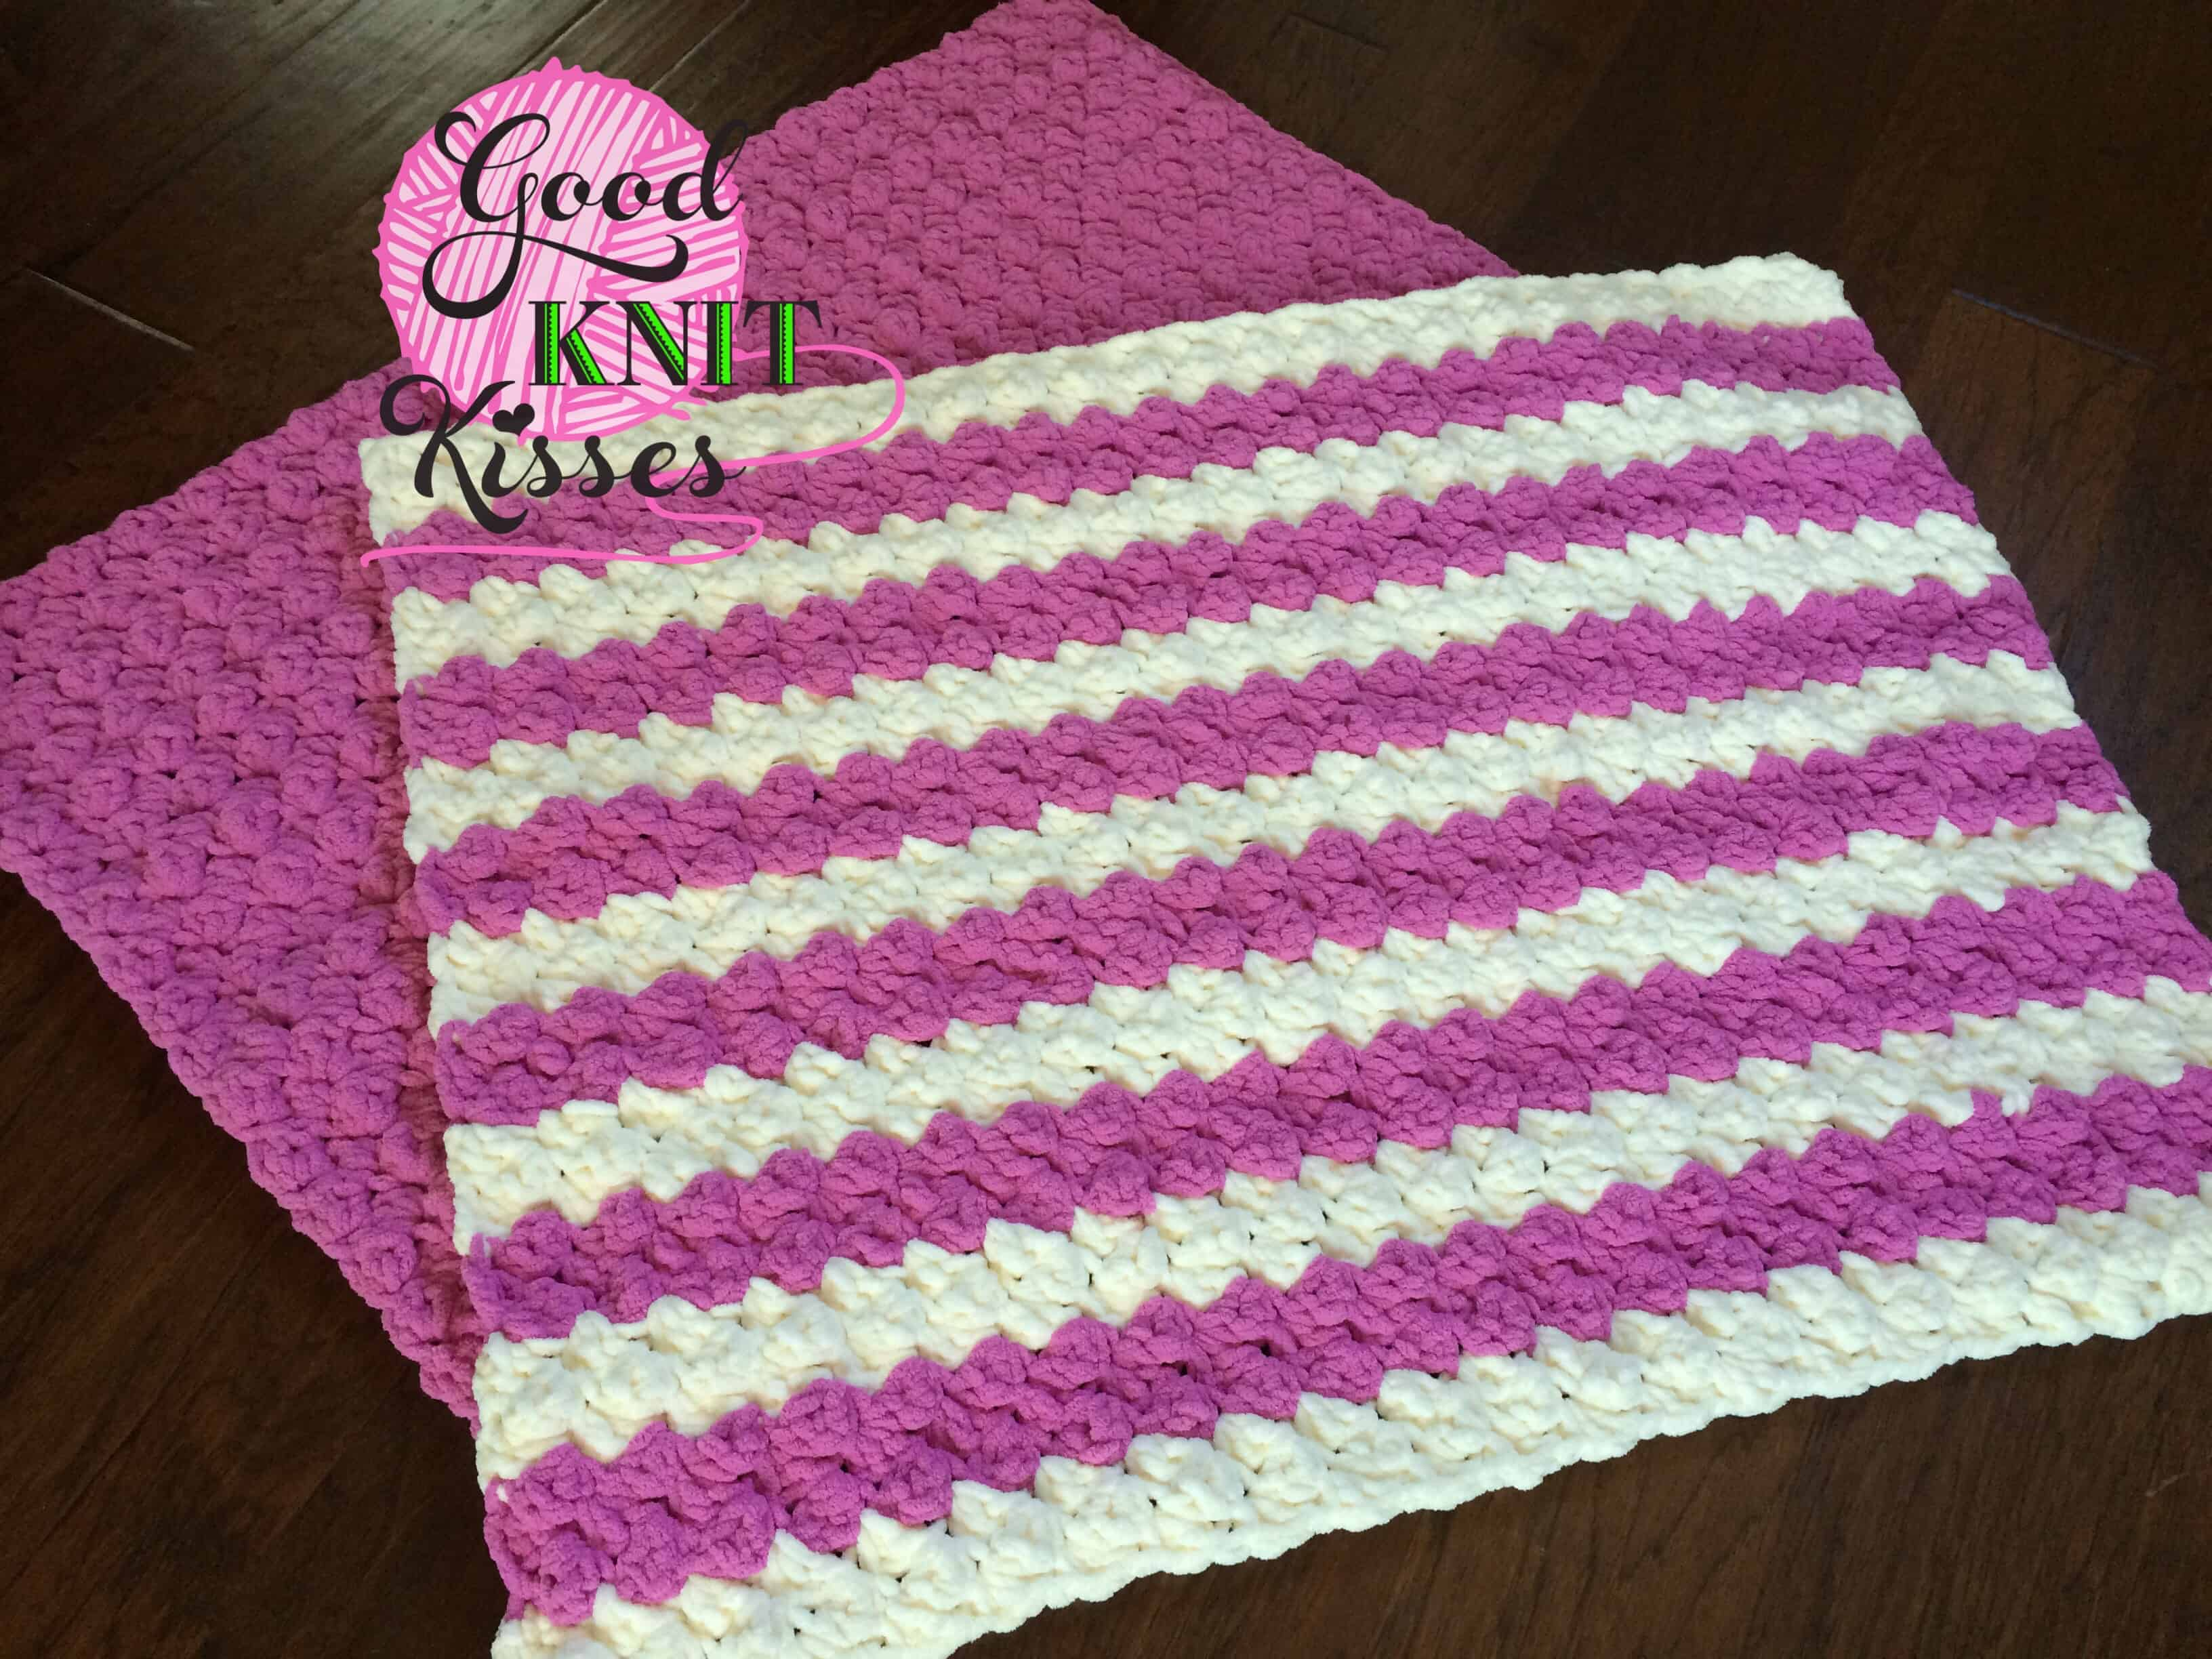 Marshmallow Crochet Baby Blanket - GoodKnit Kisses